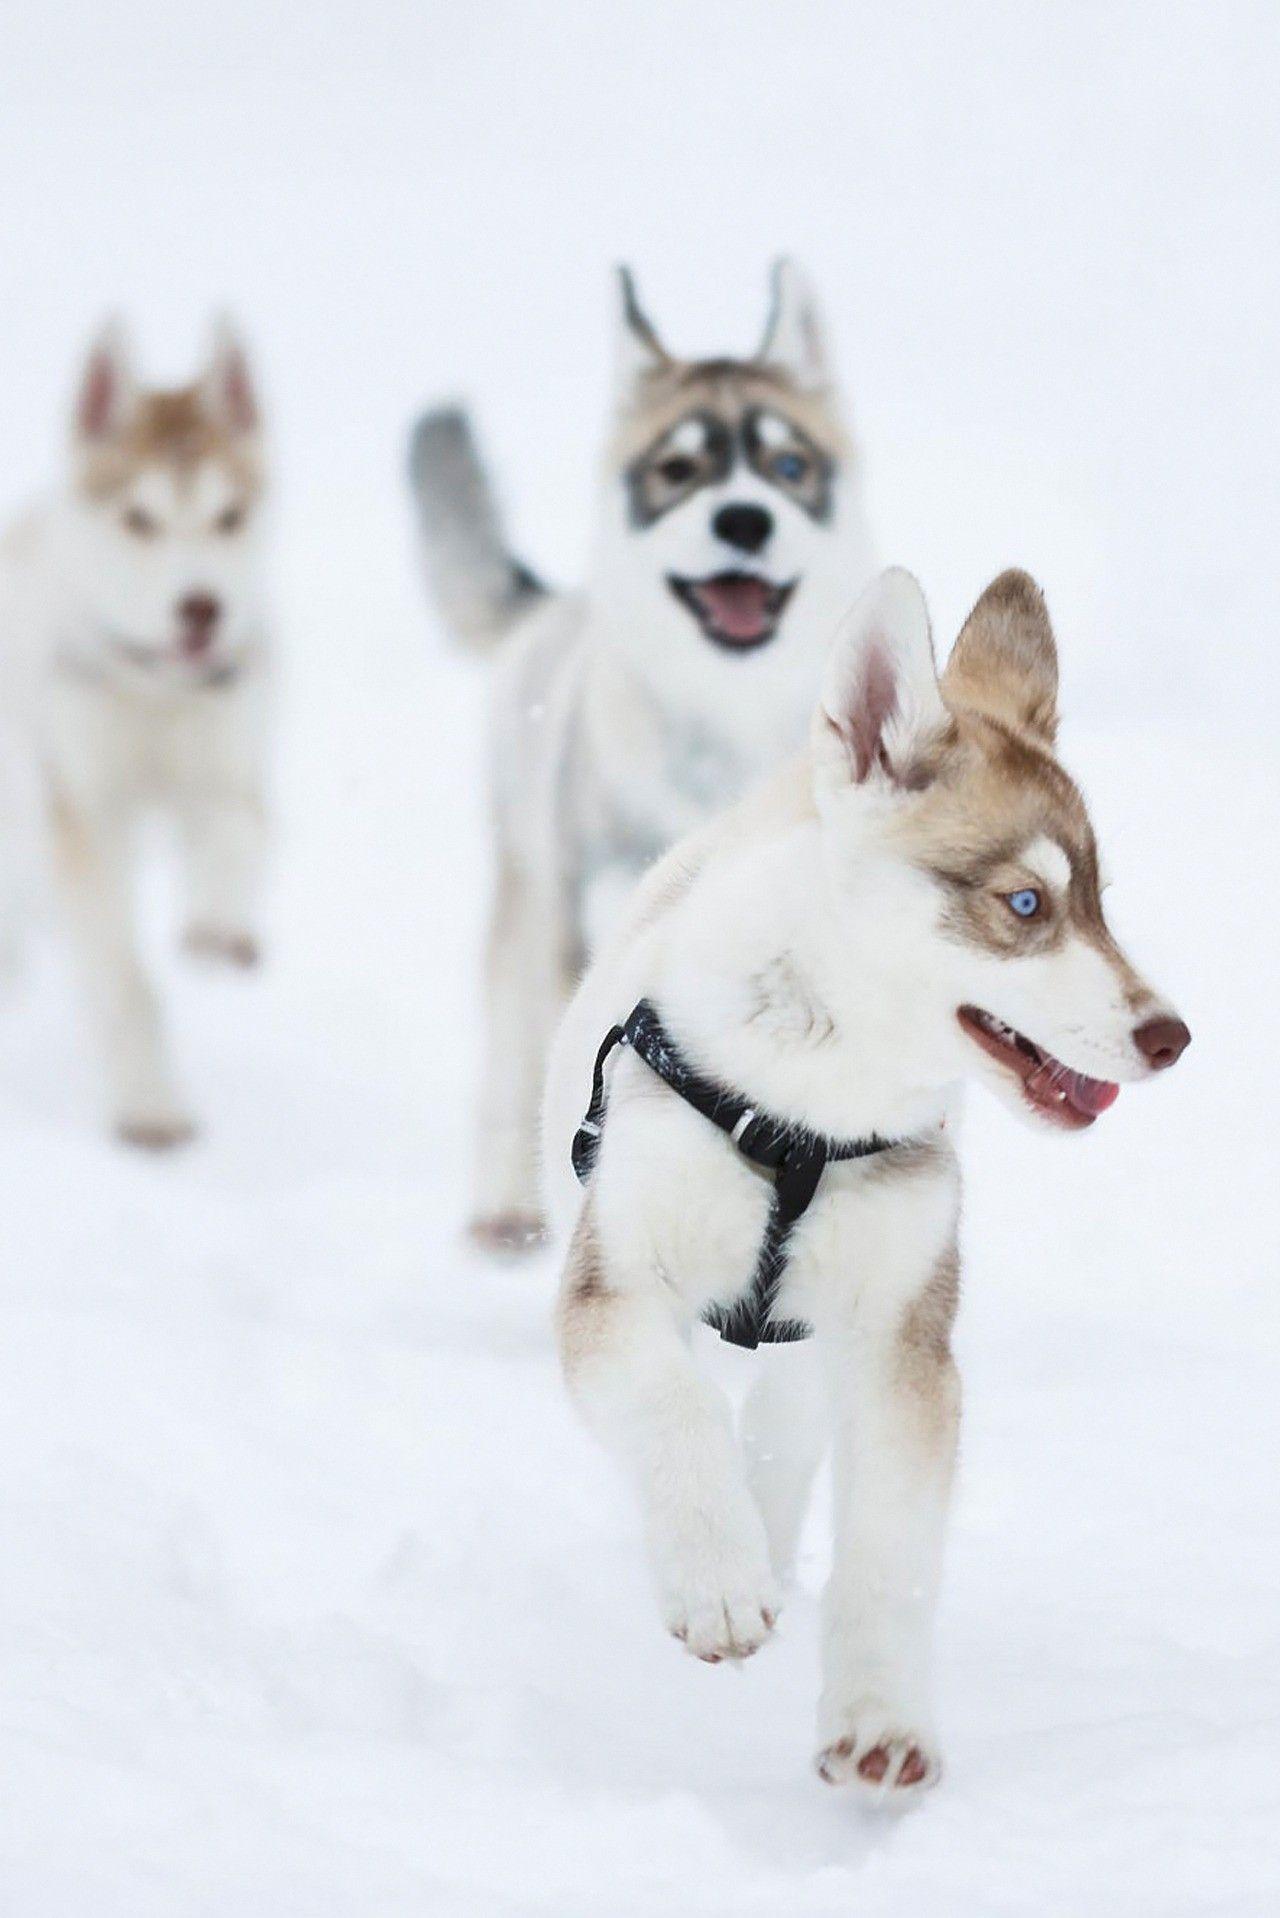 Huskies Snowrunners Husky Dogs Siberian Husky Puppies